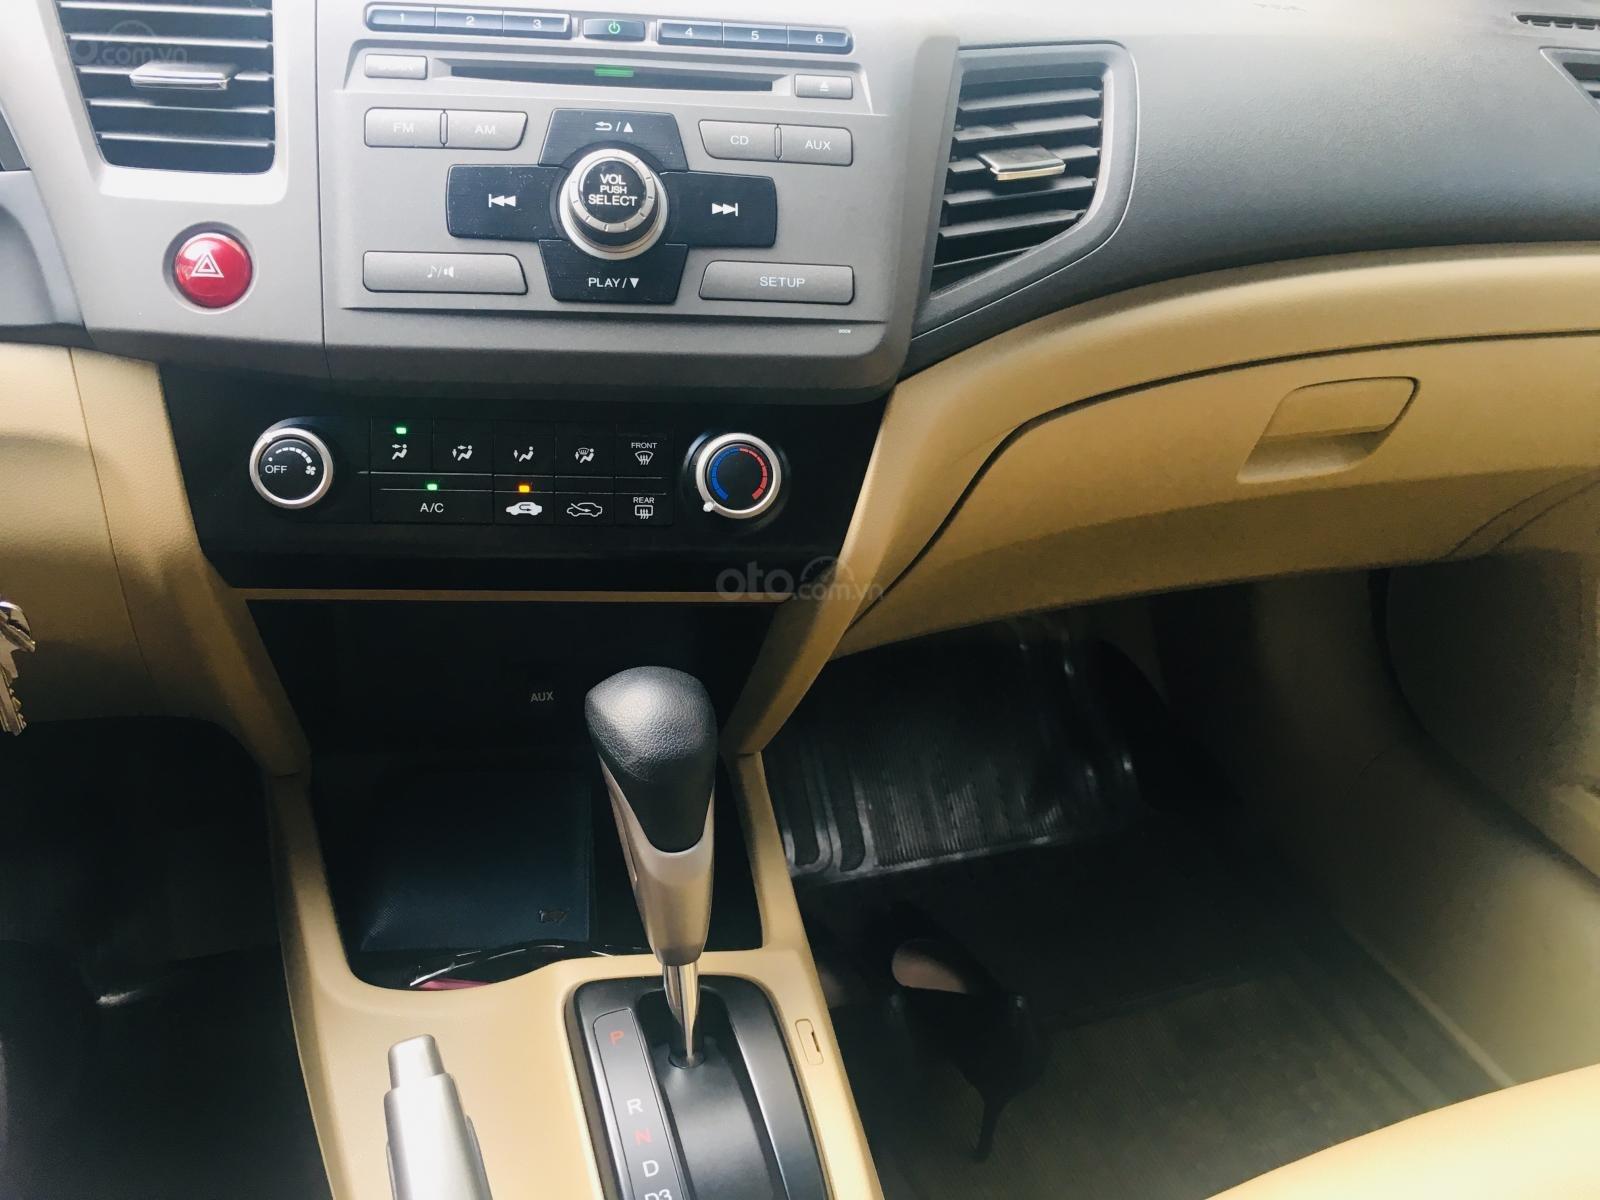 Bán Honda Civic 1.8 tự động, đời 2014, rất mới, full bodykit Modulo (12)